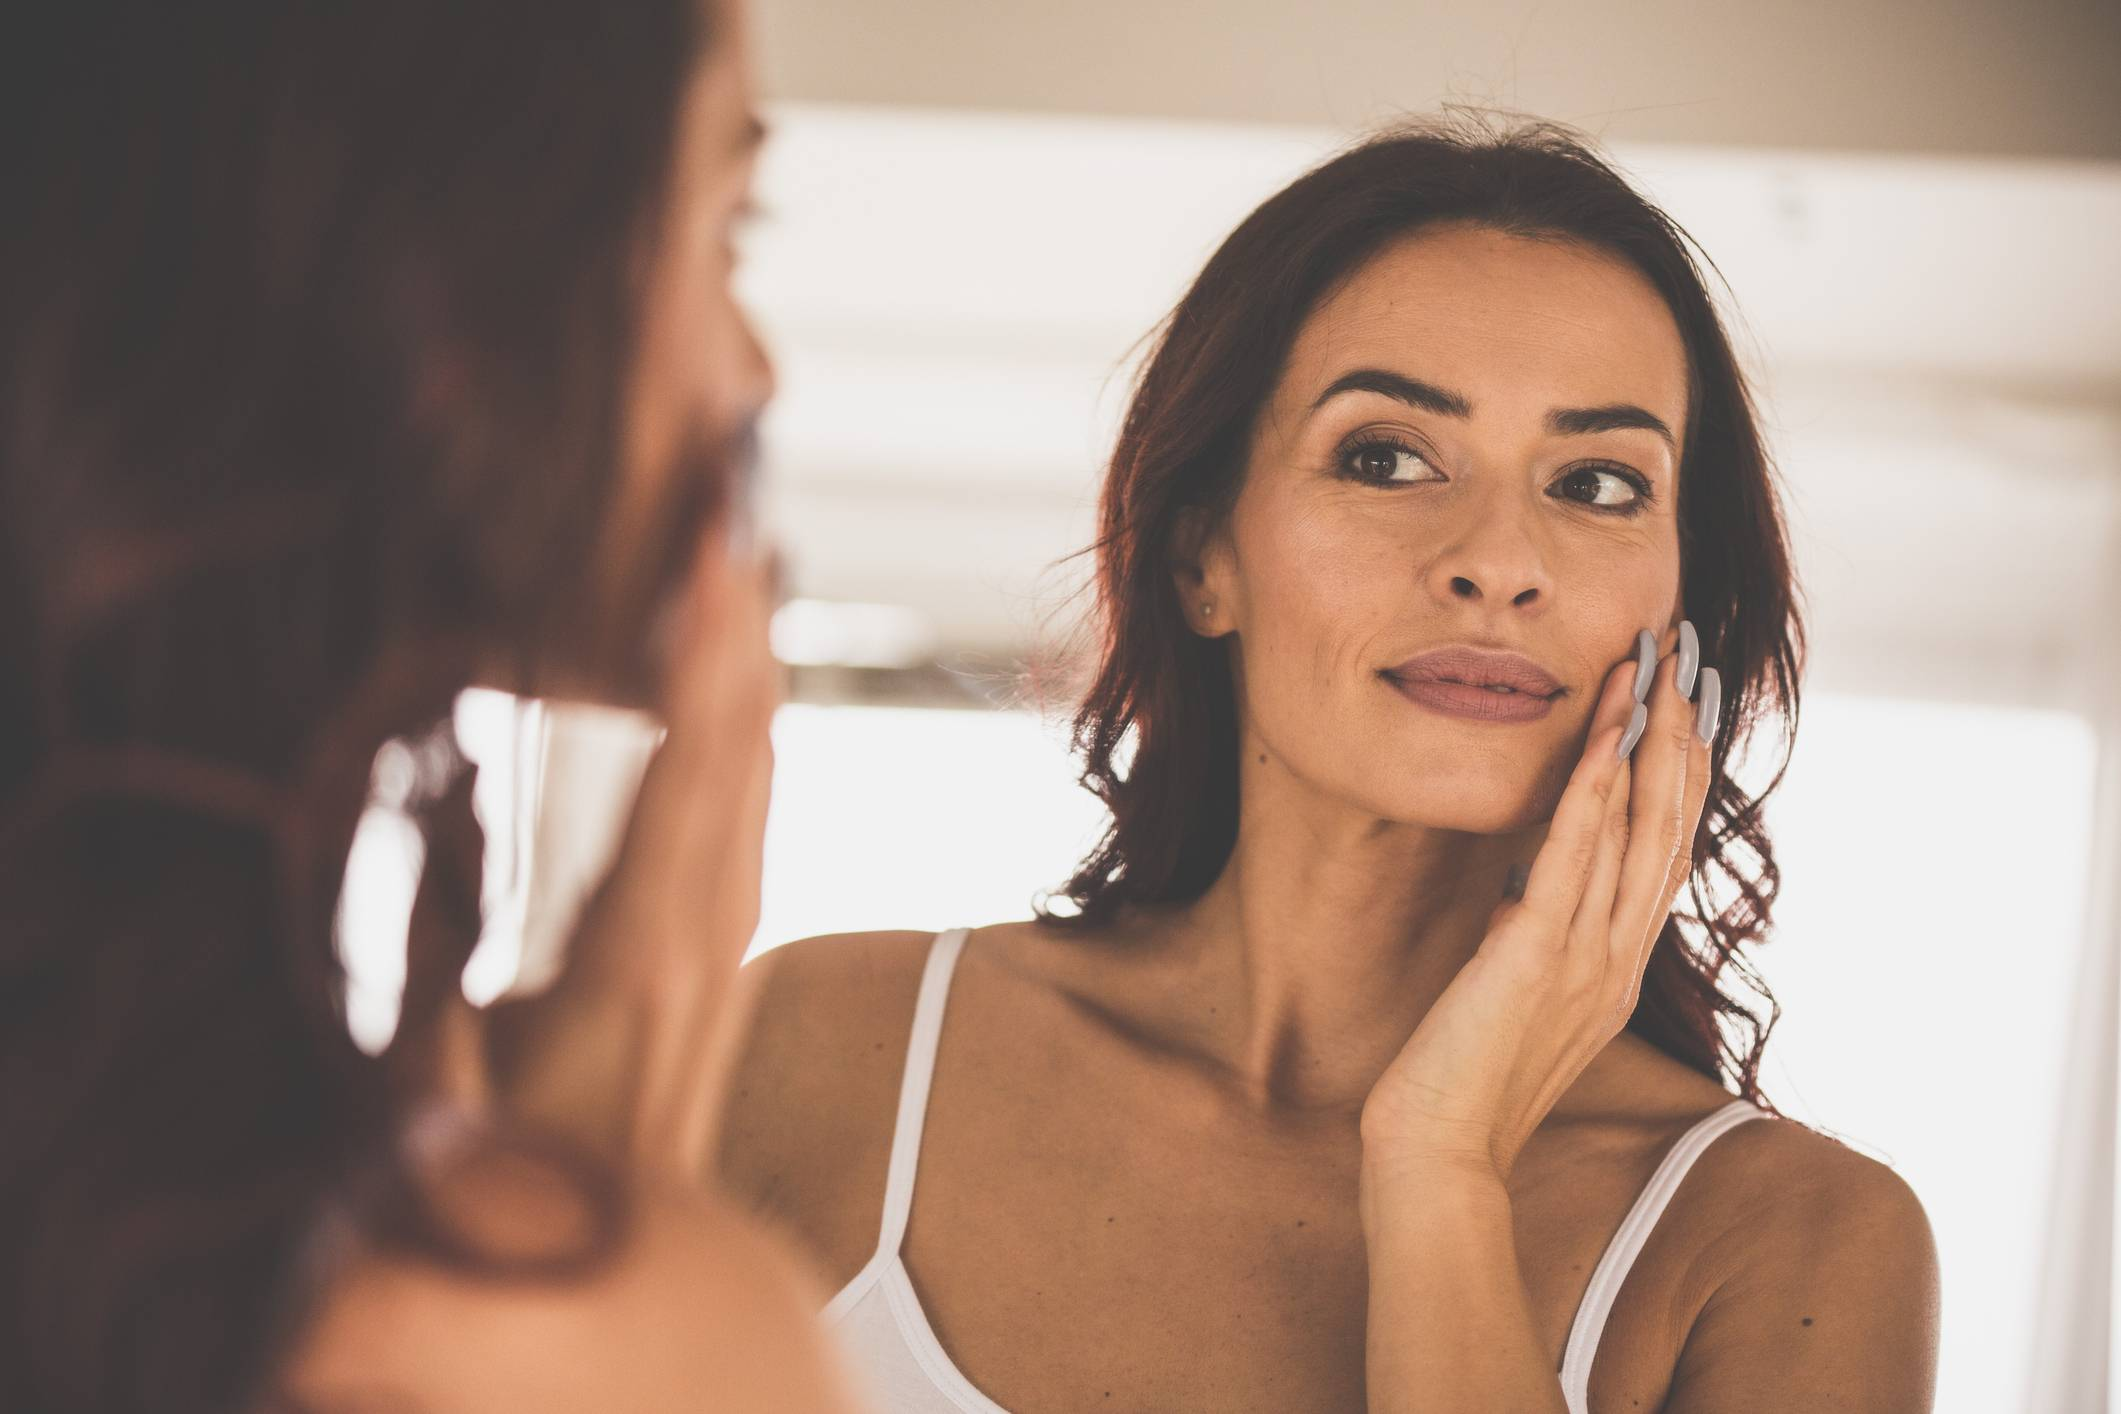 Акне: причины высыпания и лечение угревой сыпи на лице и теле